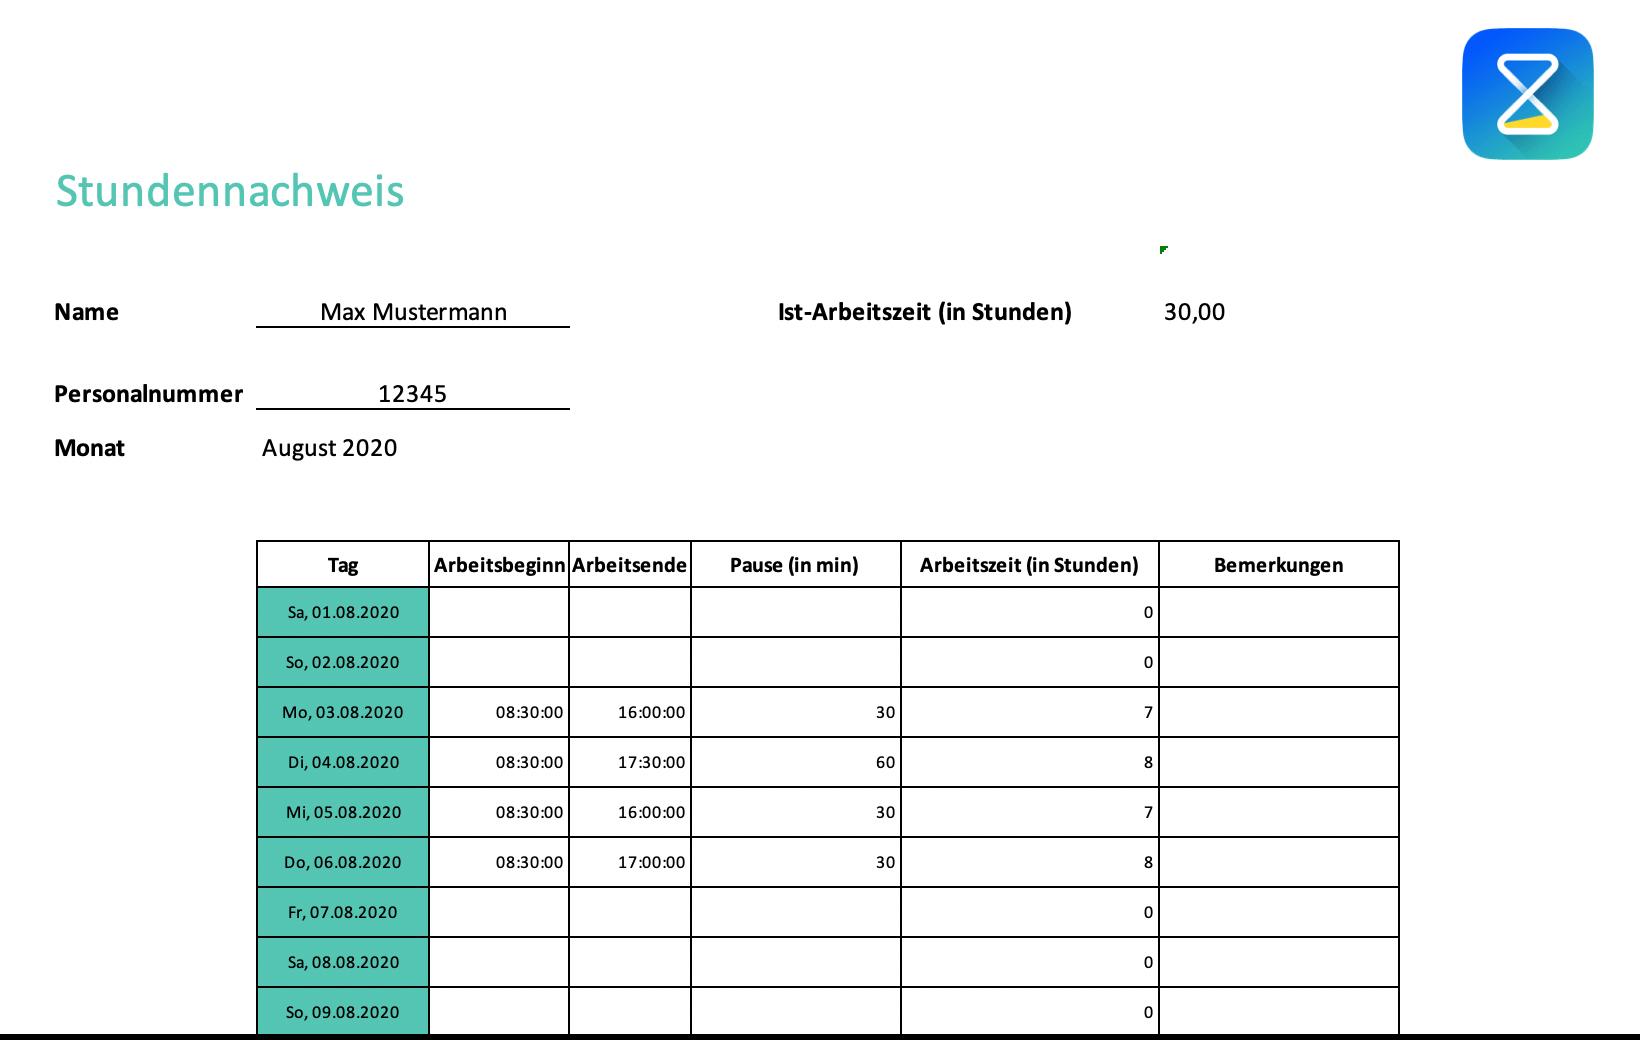 Stundennachweis-Vorlage